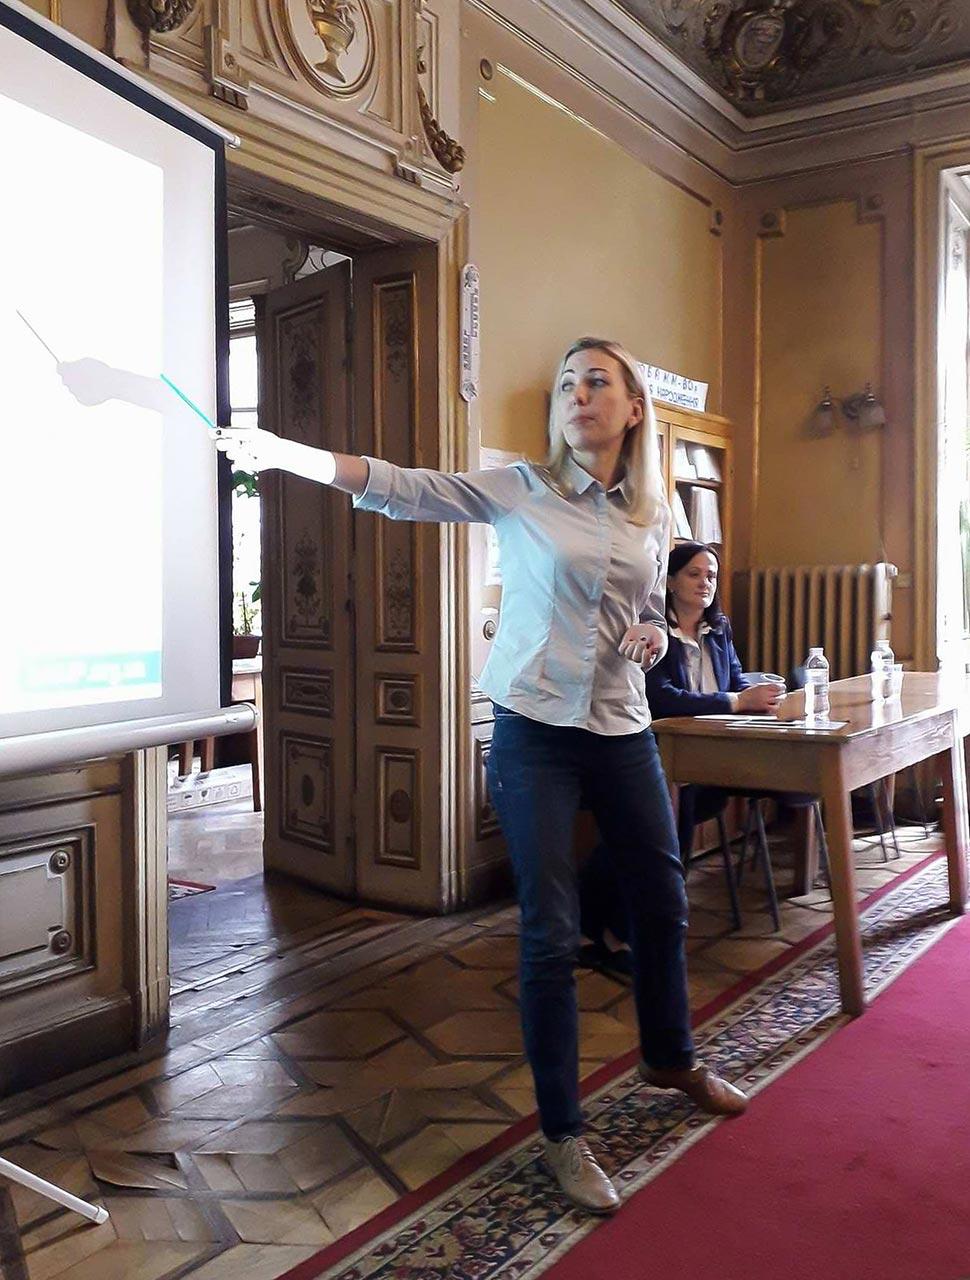 Виступає спеціаліст Проекту сприяння академічній доброчесності в Україні Юлія Солодько